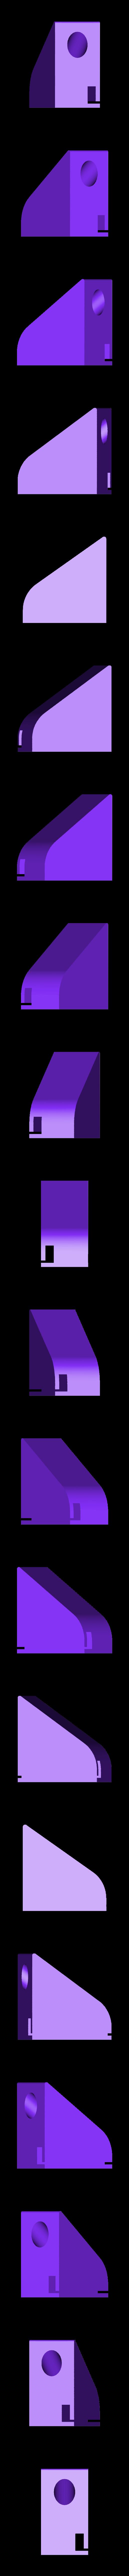 Interrupteur_%C3%A0_bascule.stl Télécharger fichier STL gratuit Mail Notifier (Electronic project) / Detecteur de Courriers • Objet imprimable en 3D, Heliox